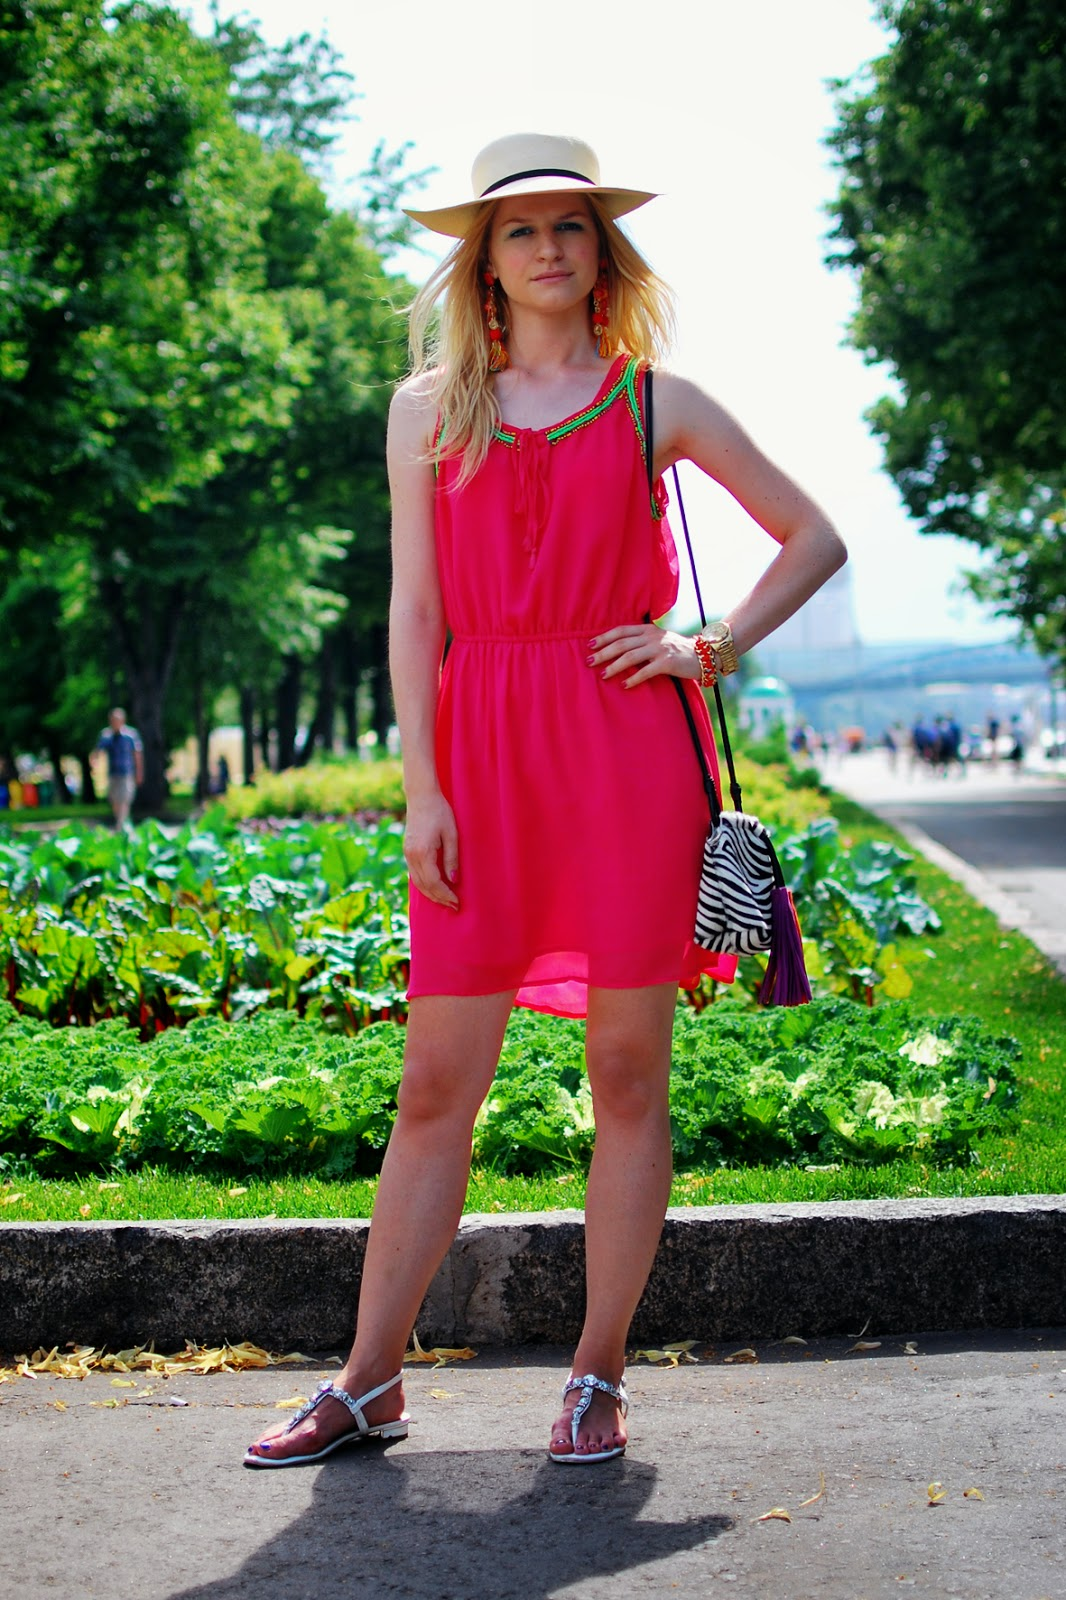 летний лук, модный лук, летний образ, модные шляпы, летние шляпы, стильные люди, Ирина Павлова блог